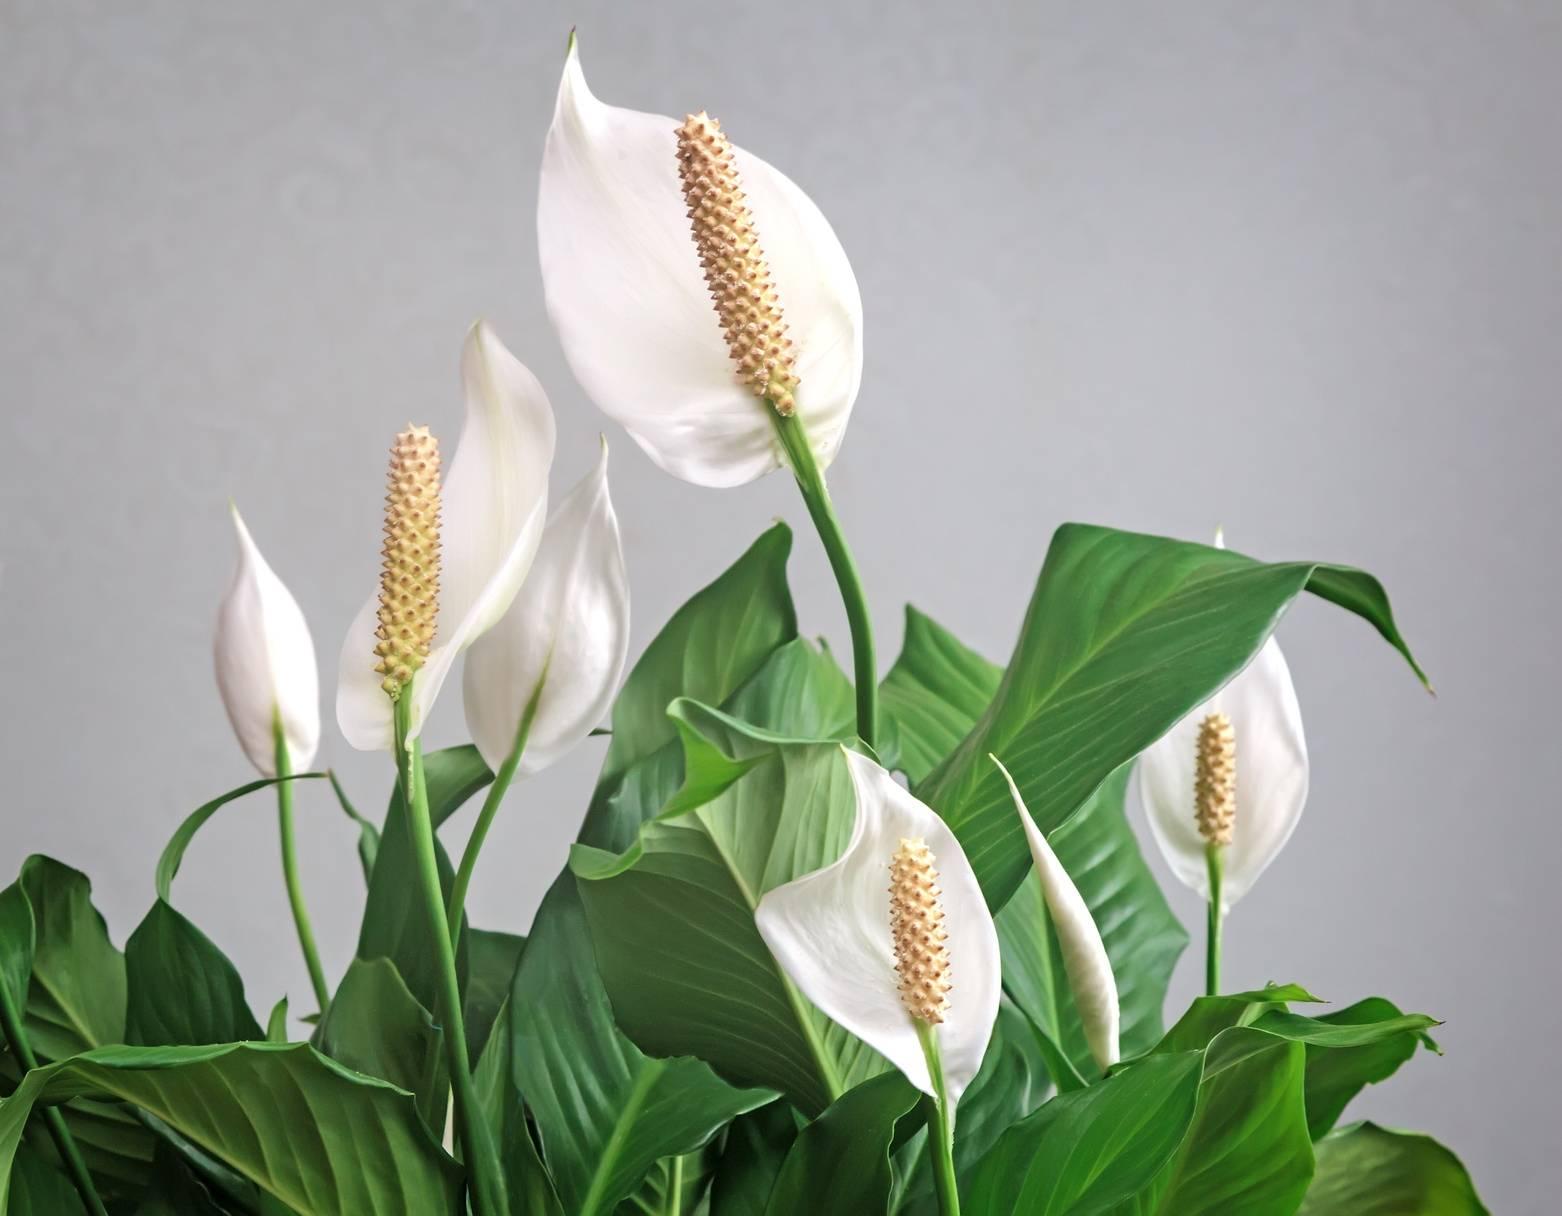 Skrzydłokwiat - trująca roślina doniczkowa. Zbliżenie na białe kwiaty i zielone liście.